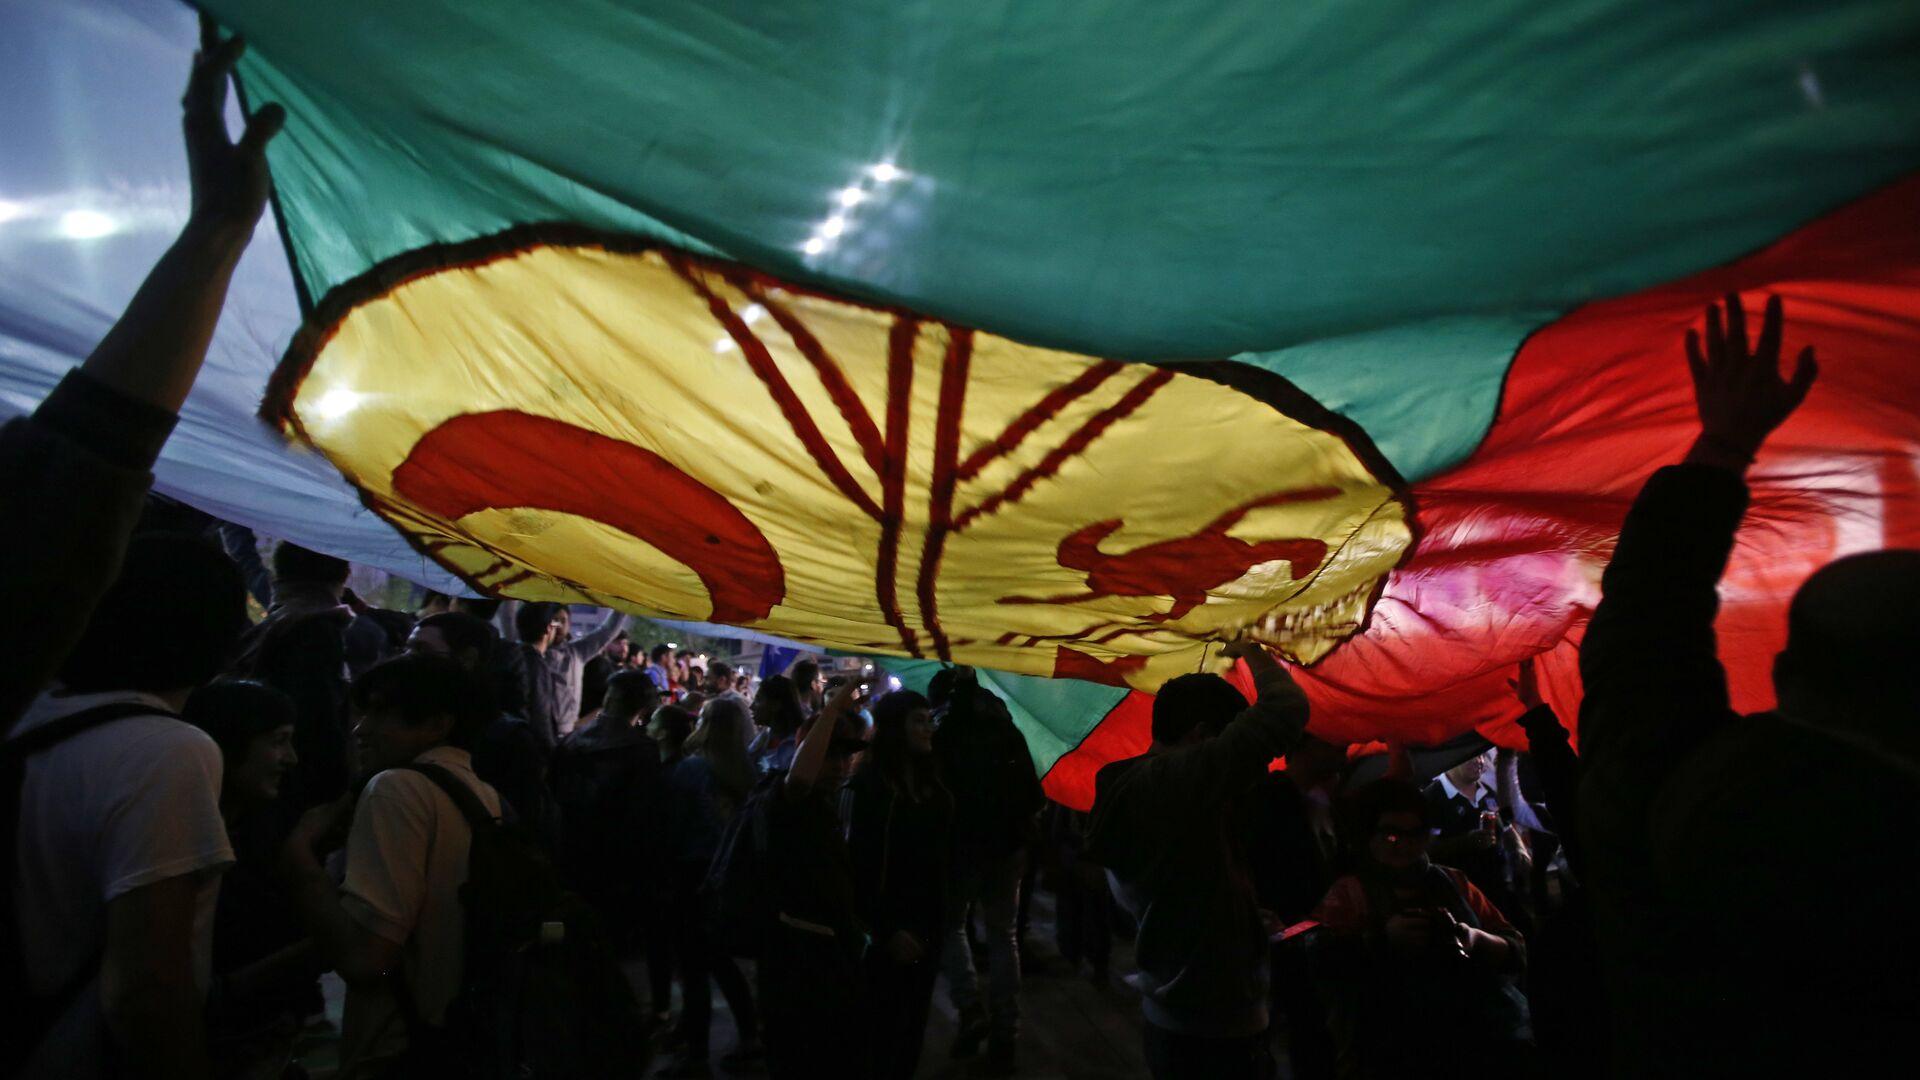 La bandera del pueblo mapuche - Sputnik Mundo, 1920, 04.07.2021